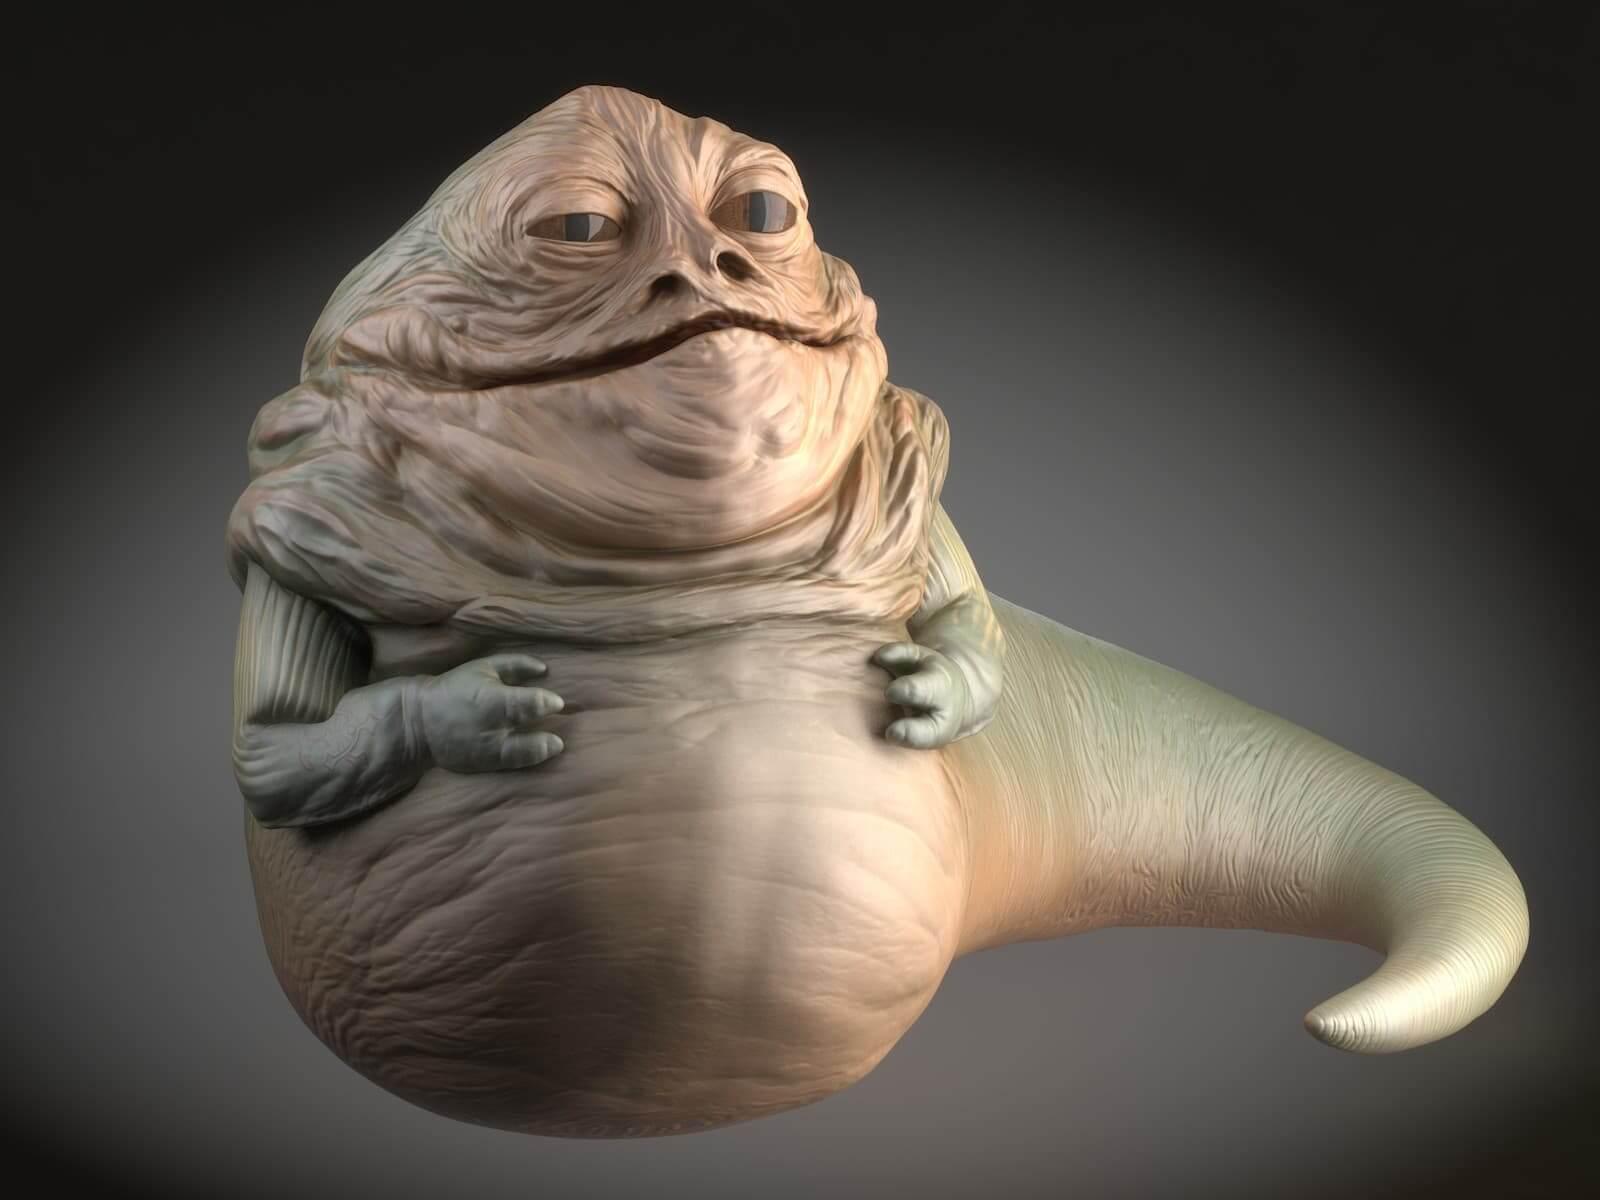 Star Wars Jabba The Hutt 3d Model